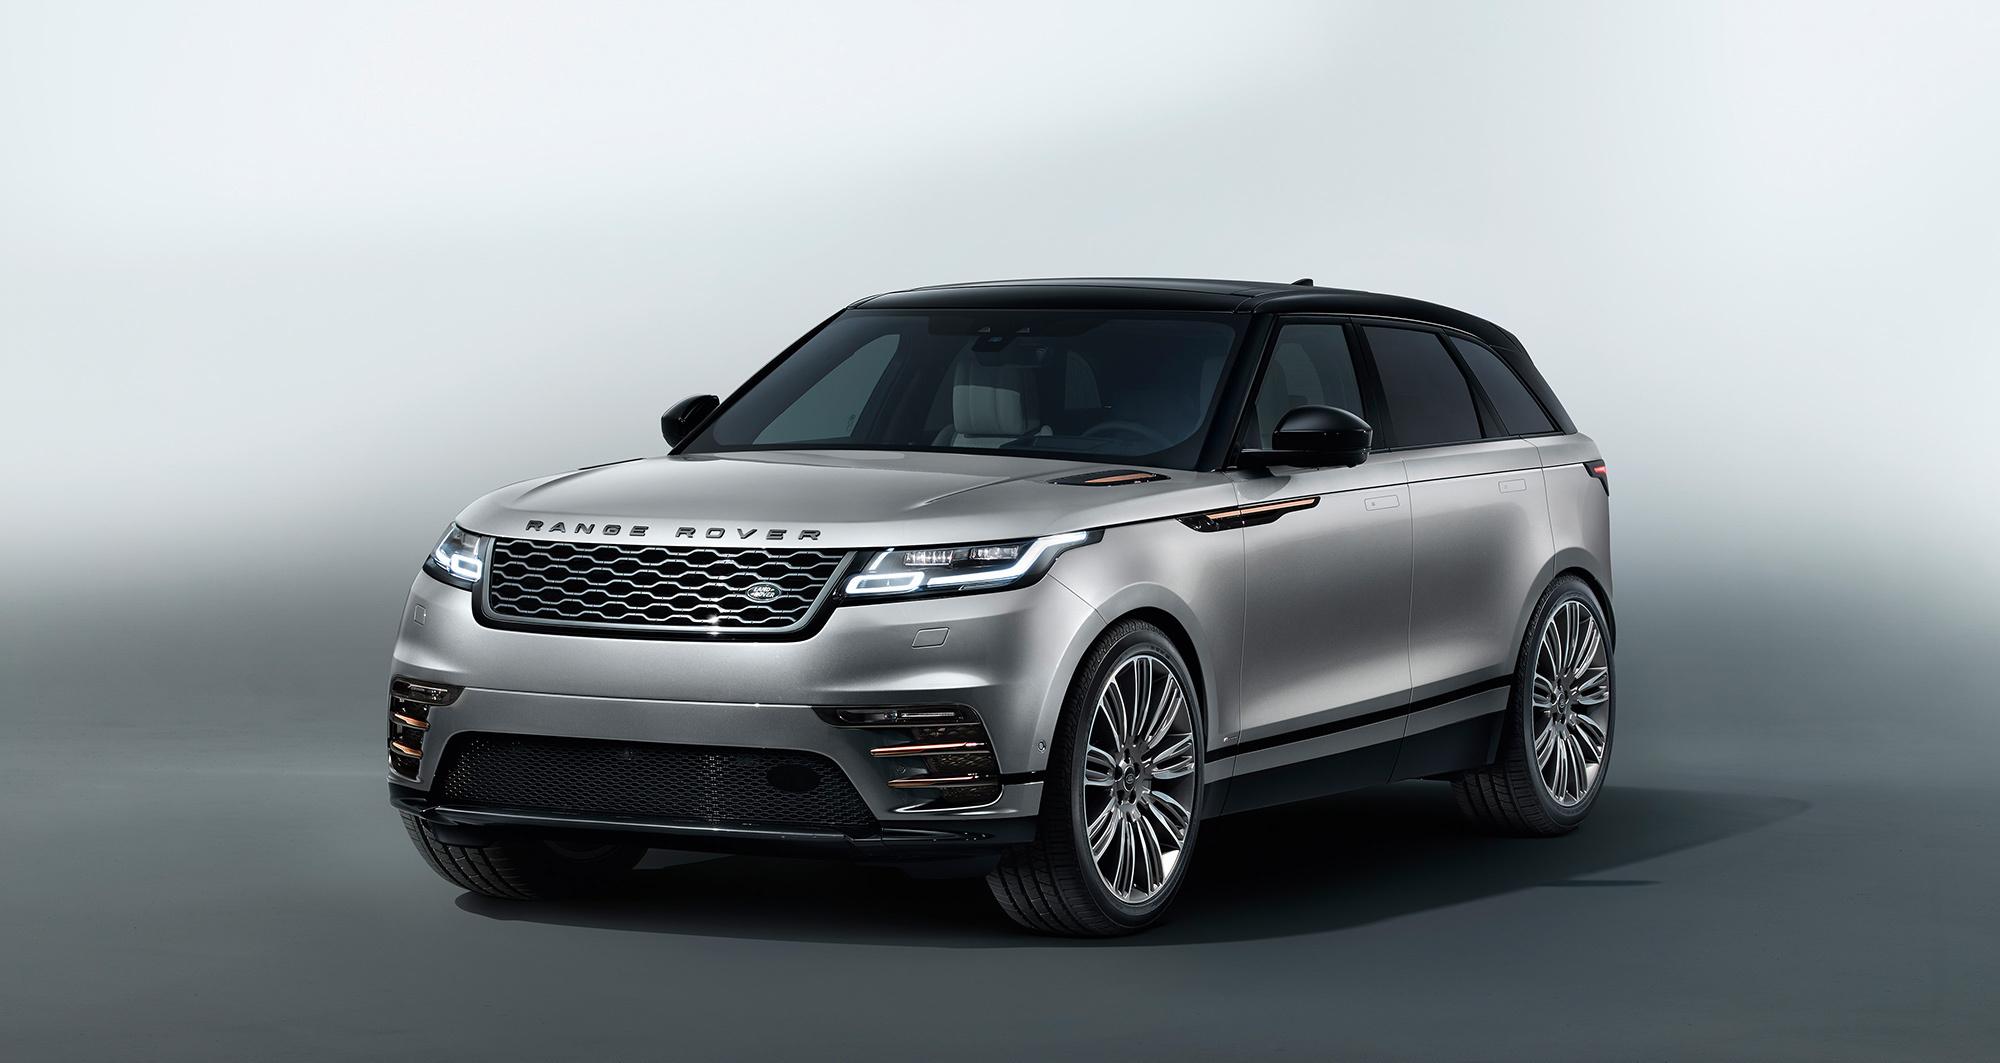 Range Rover Velar Photos